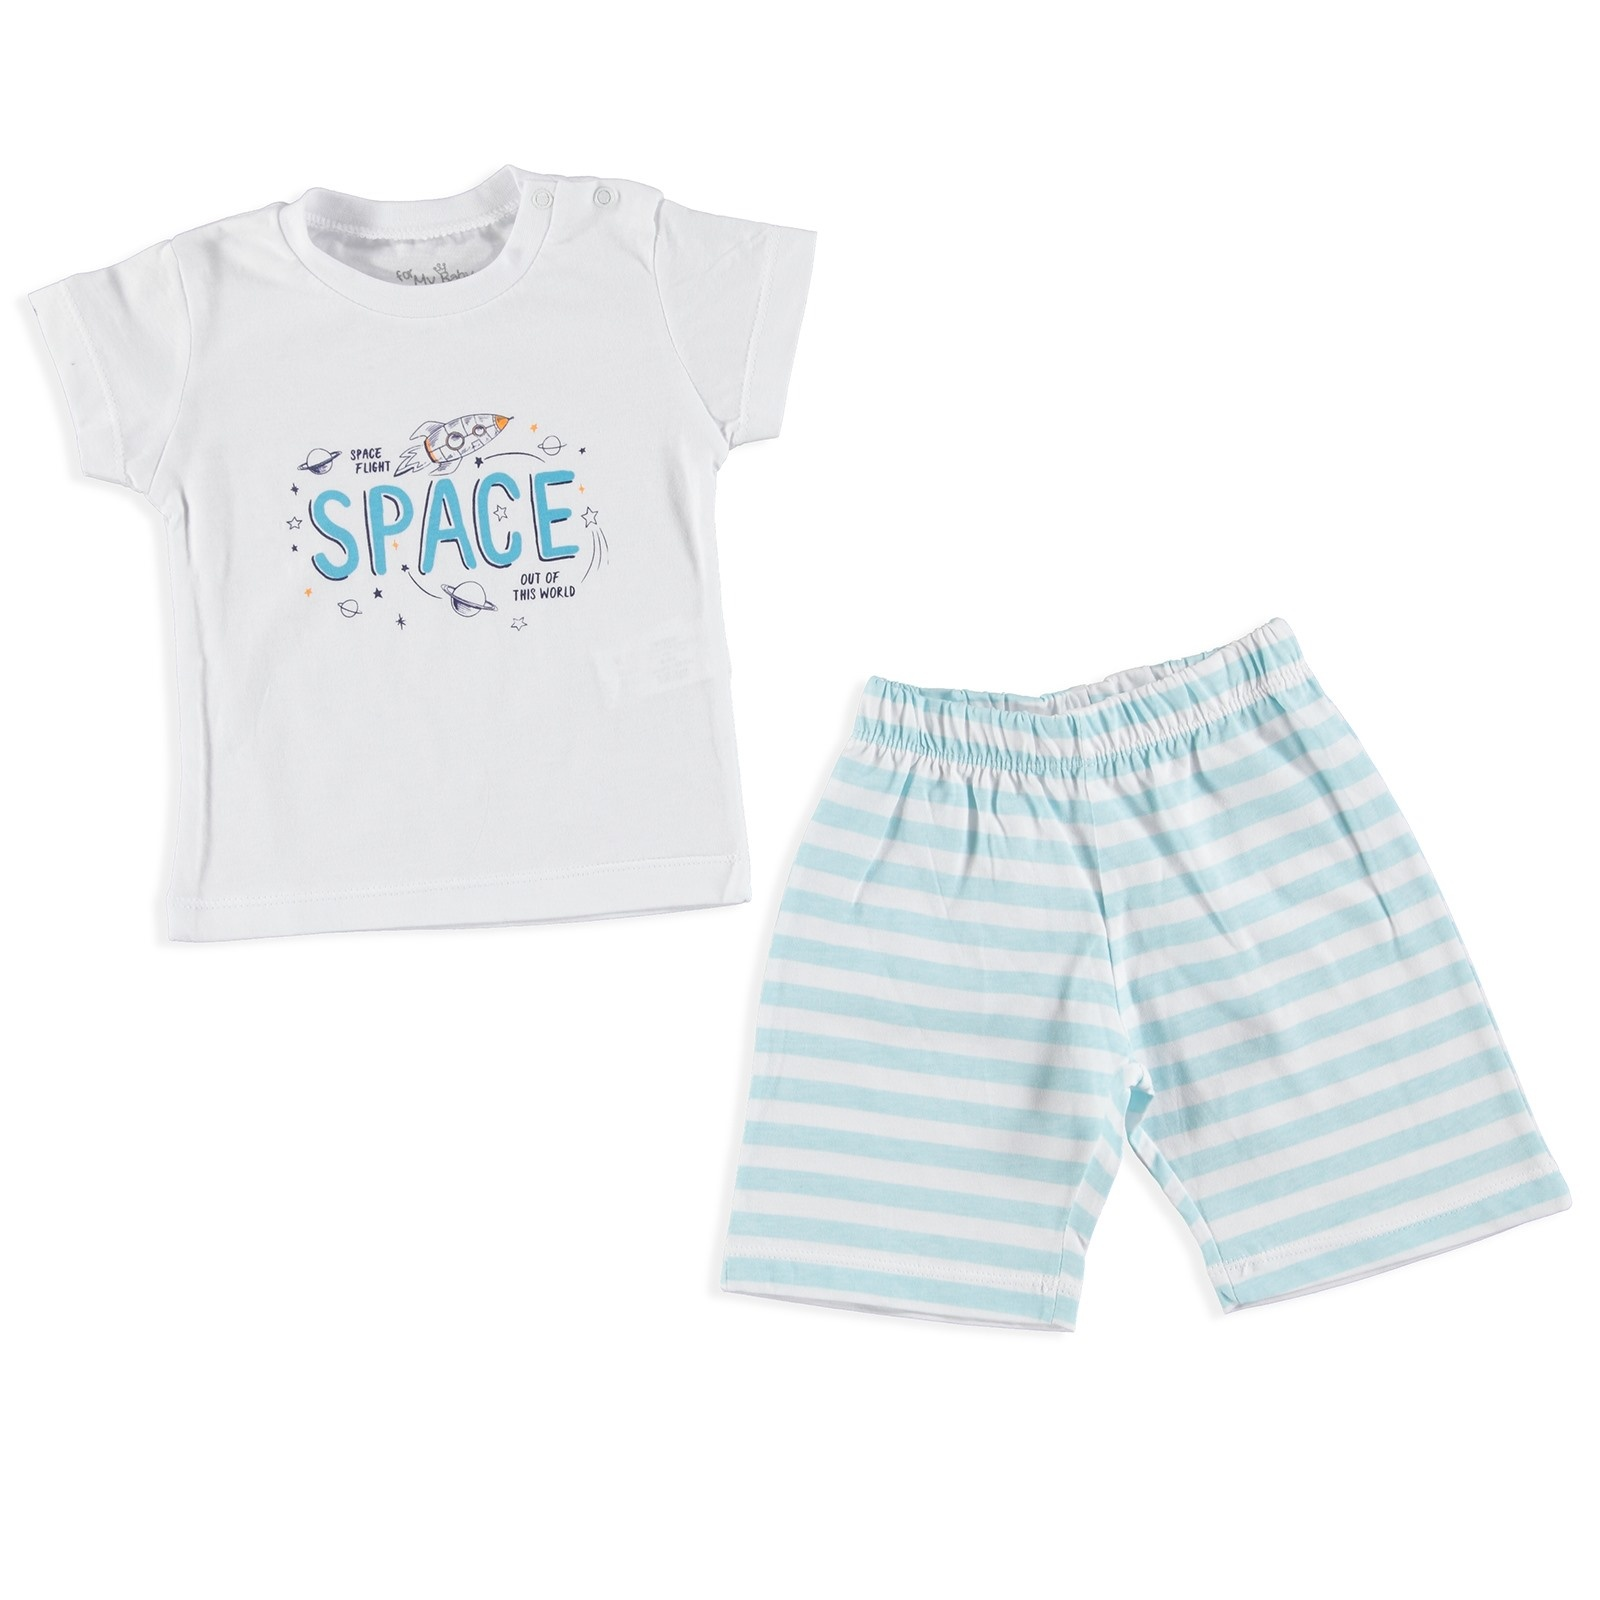 Ebebek For My Baby Summer Space Printed Short Sleeve Pyjamas Set